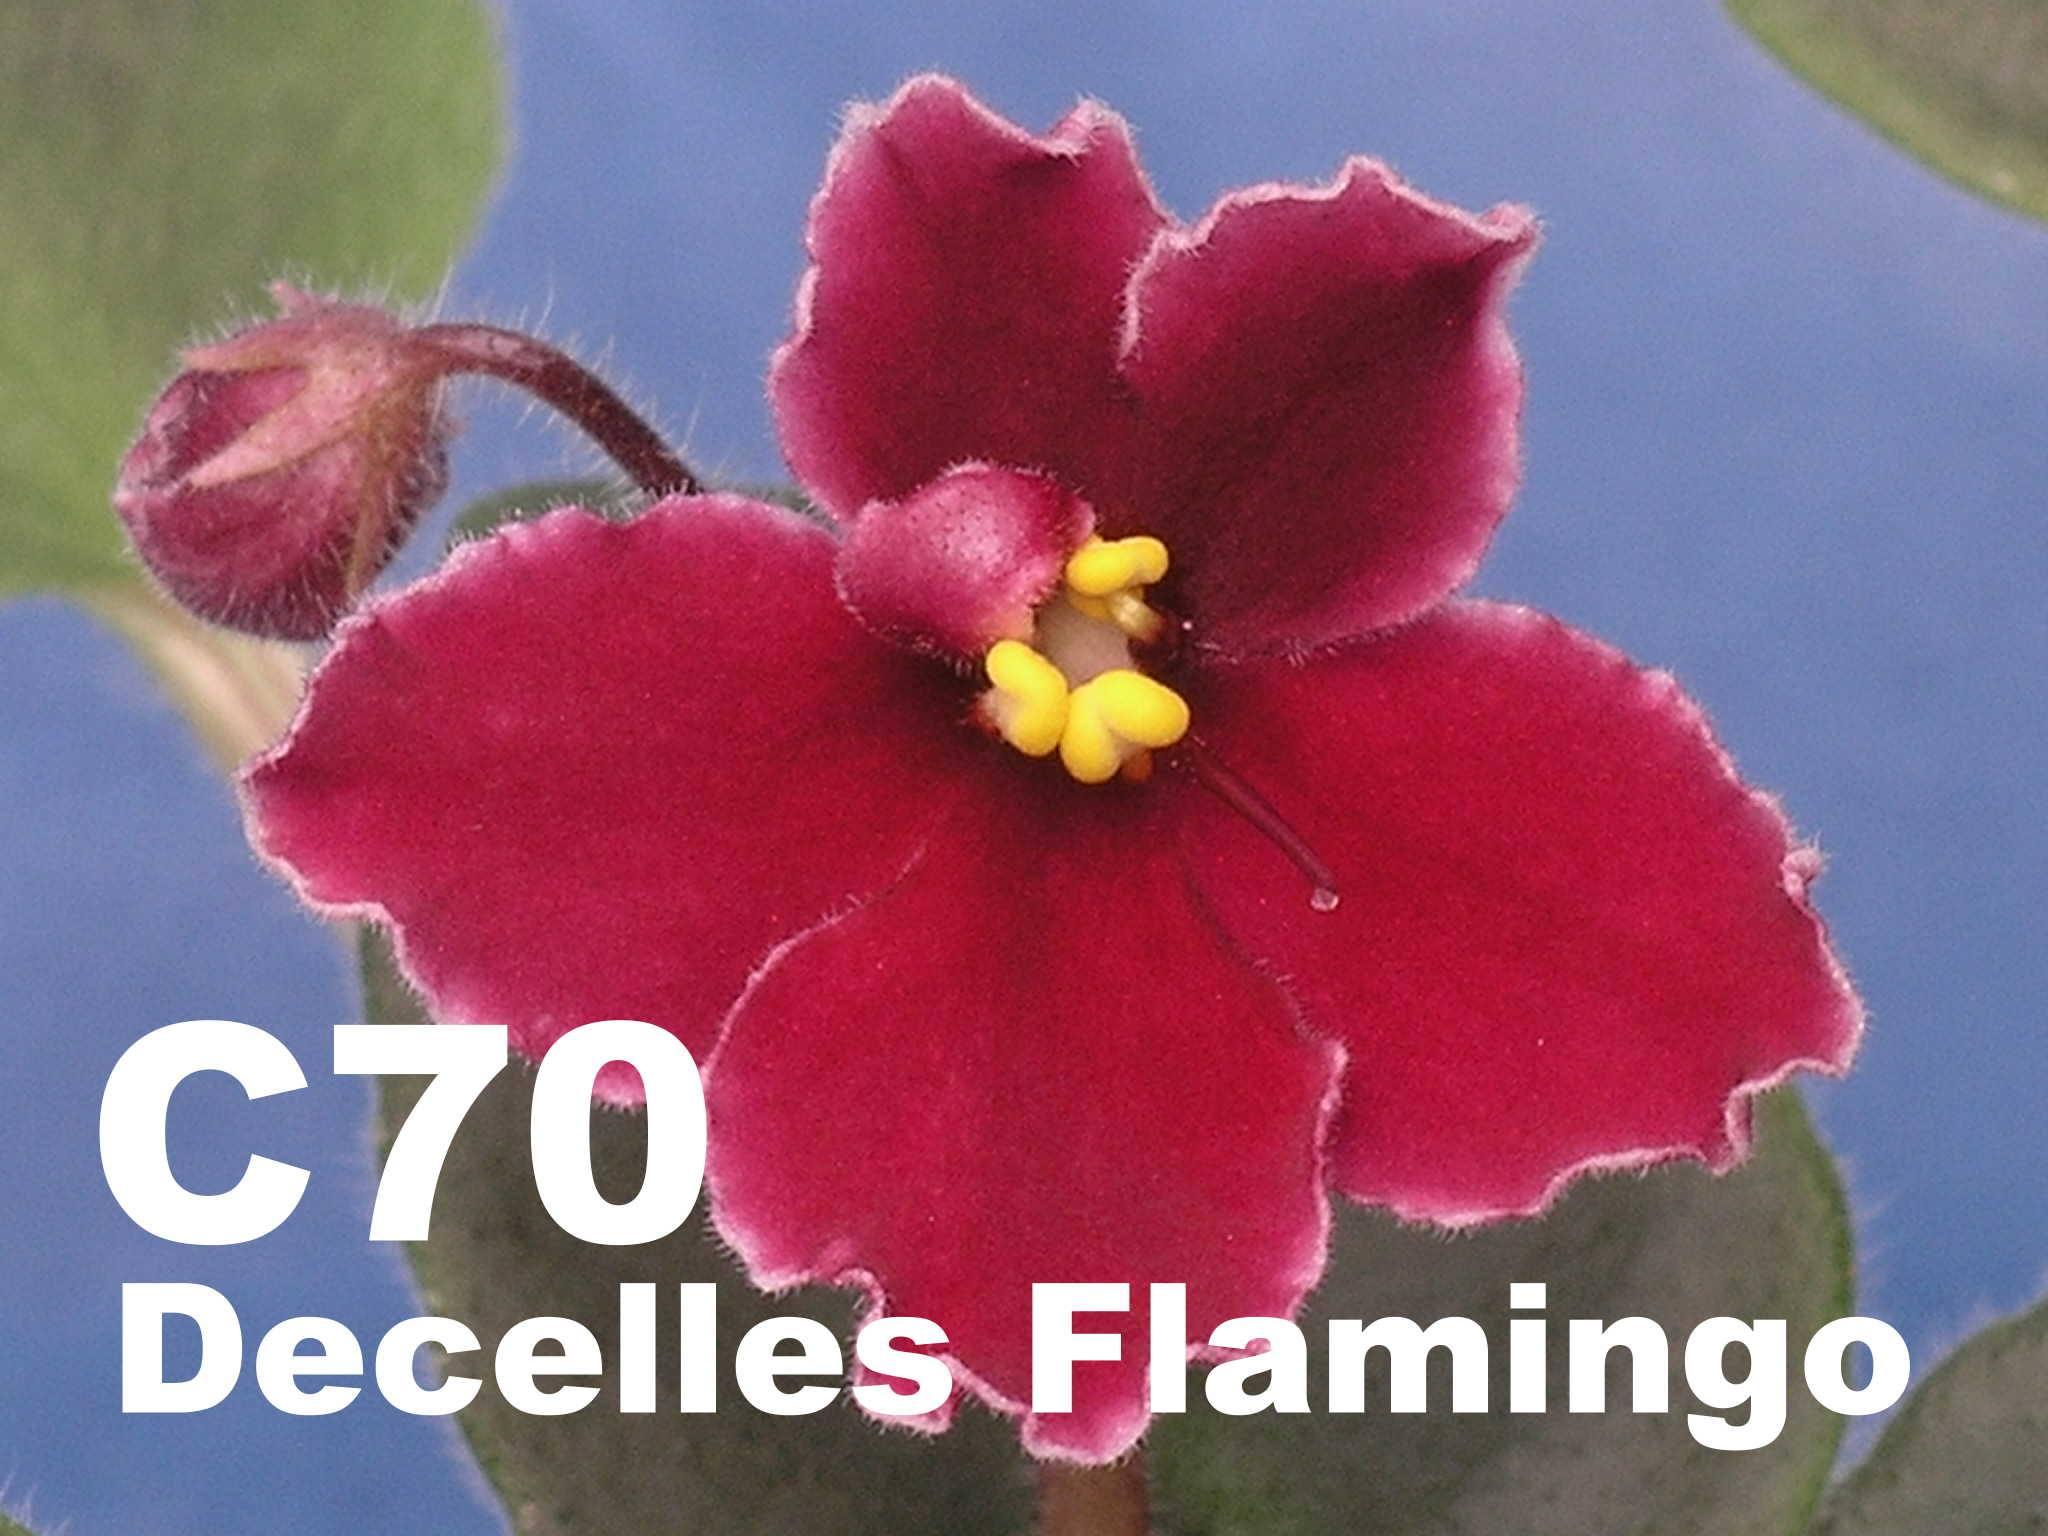 [C70] Decelles' Flamingo C70